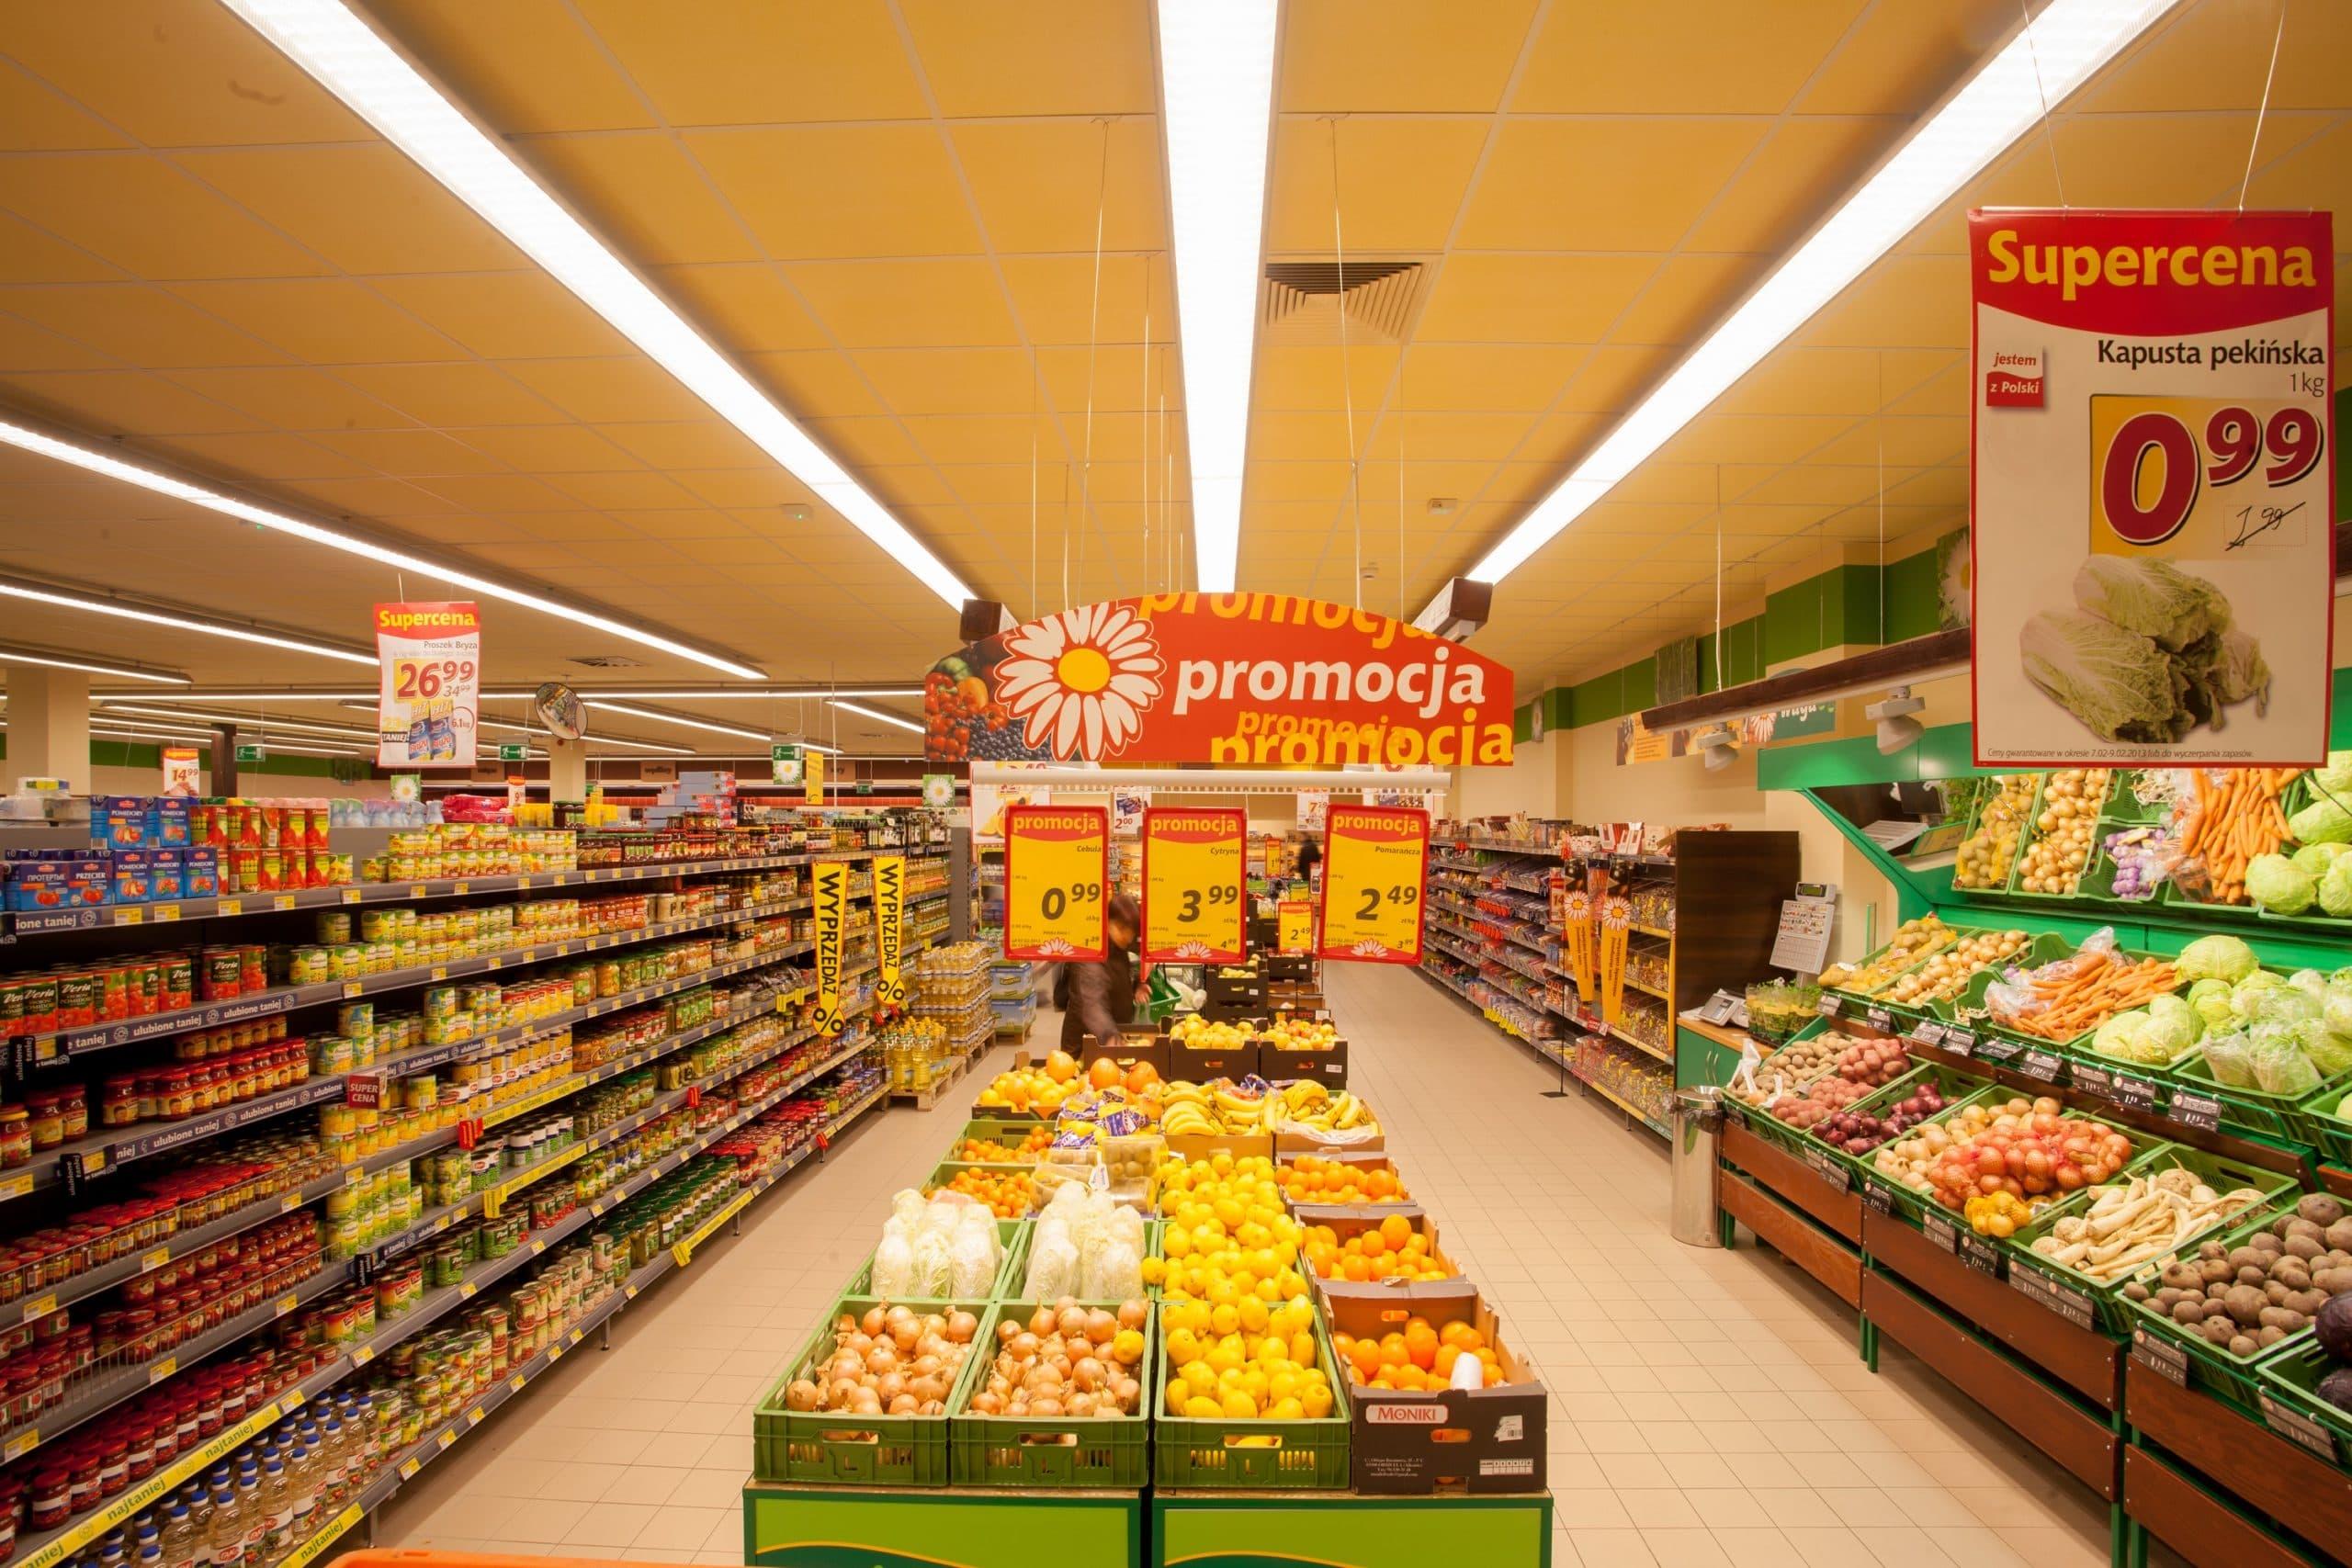 Oprawy Handlowe Lumiline w sklepie Stokrotka - modernizacja oświetlenia przez firmę Luxon LED